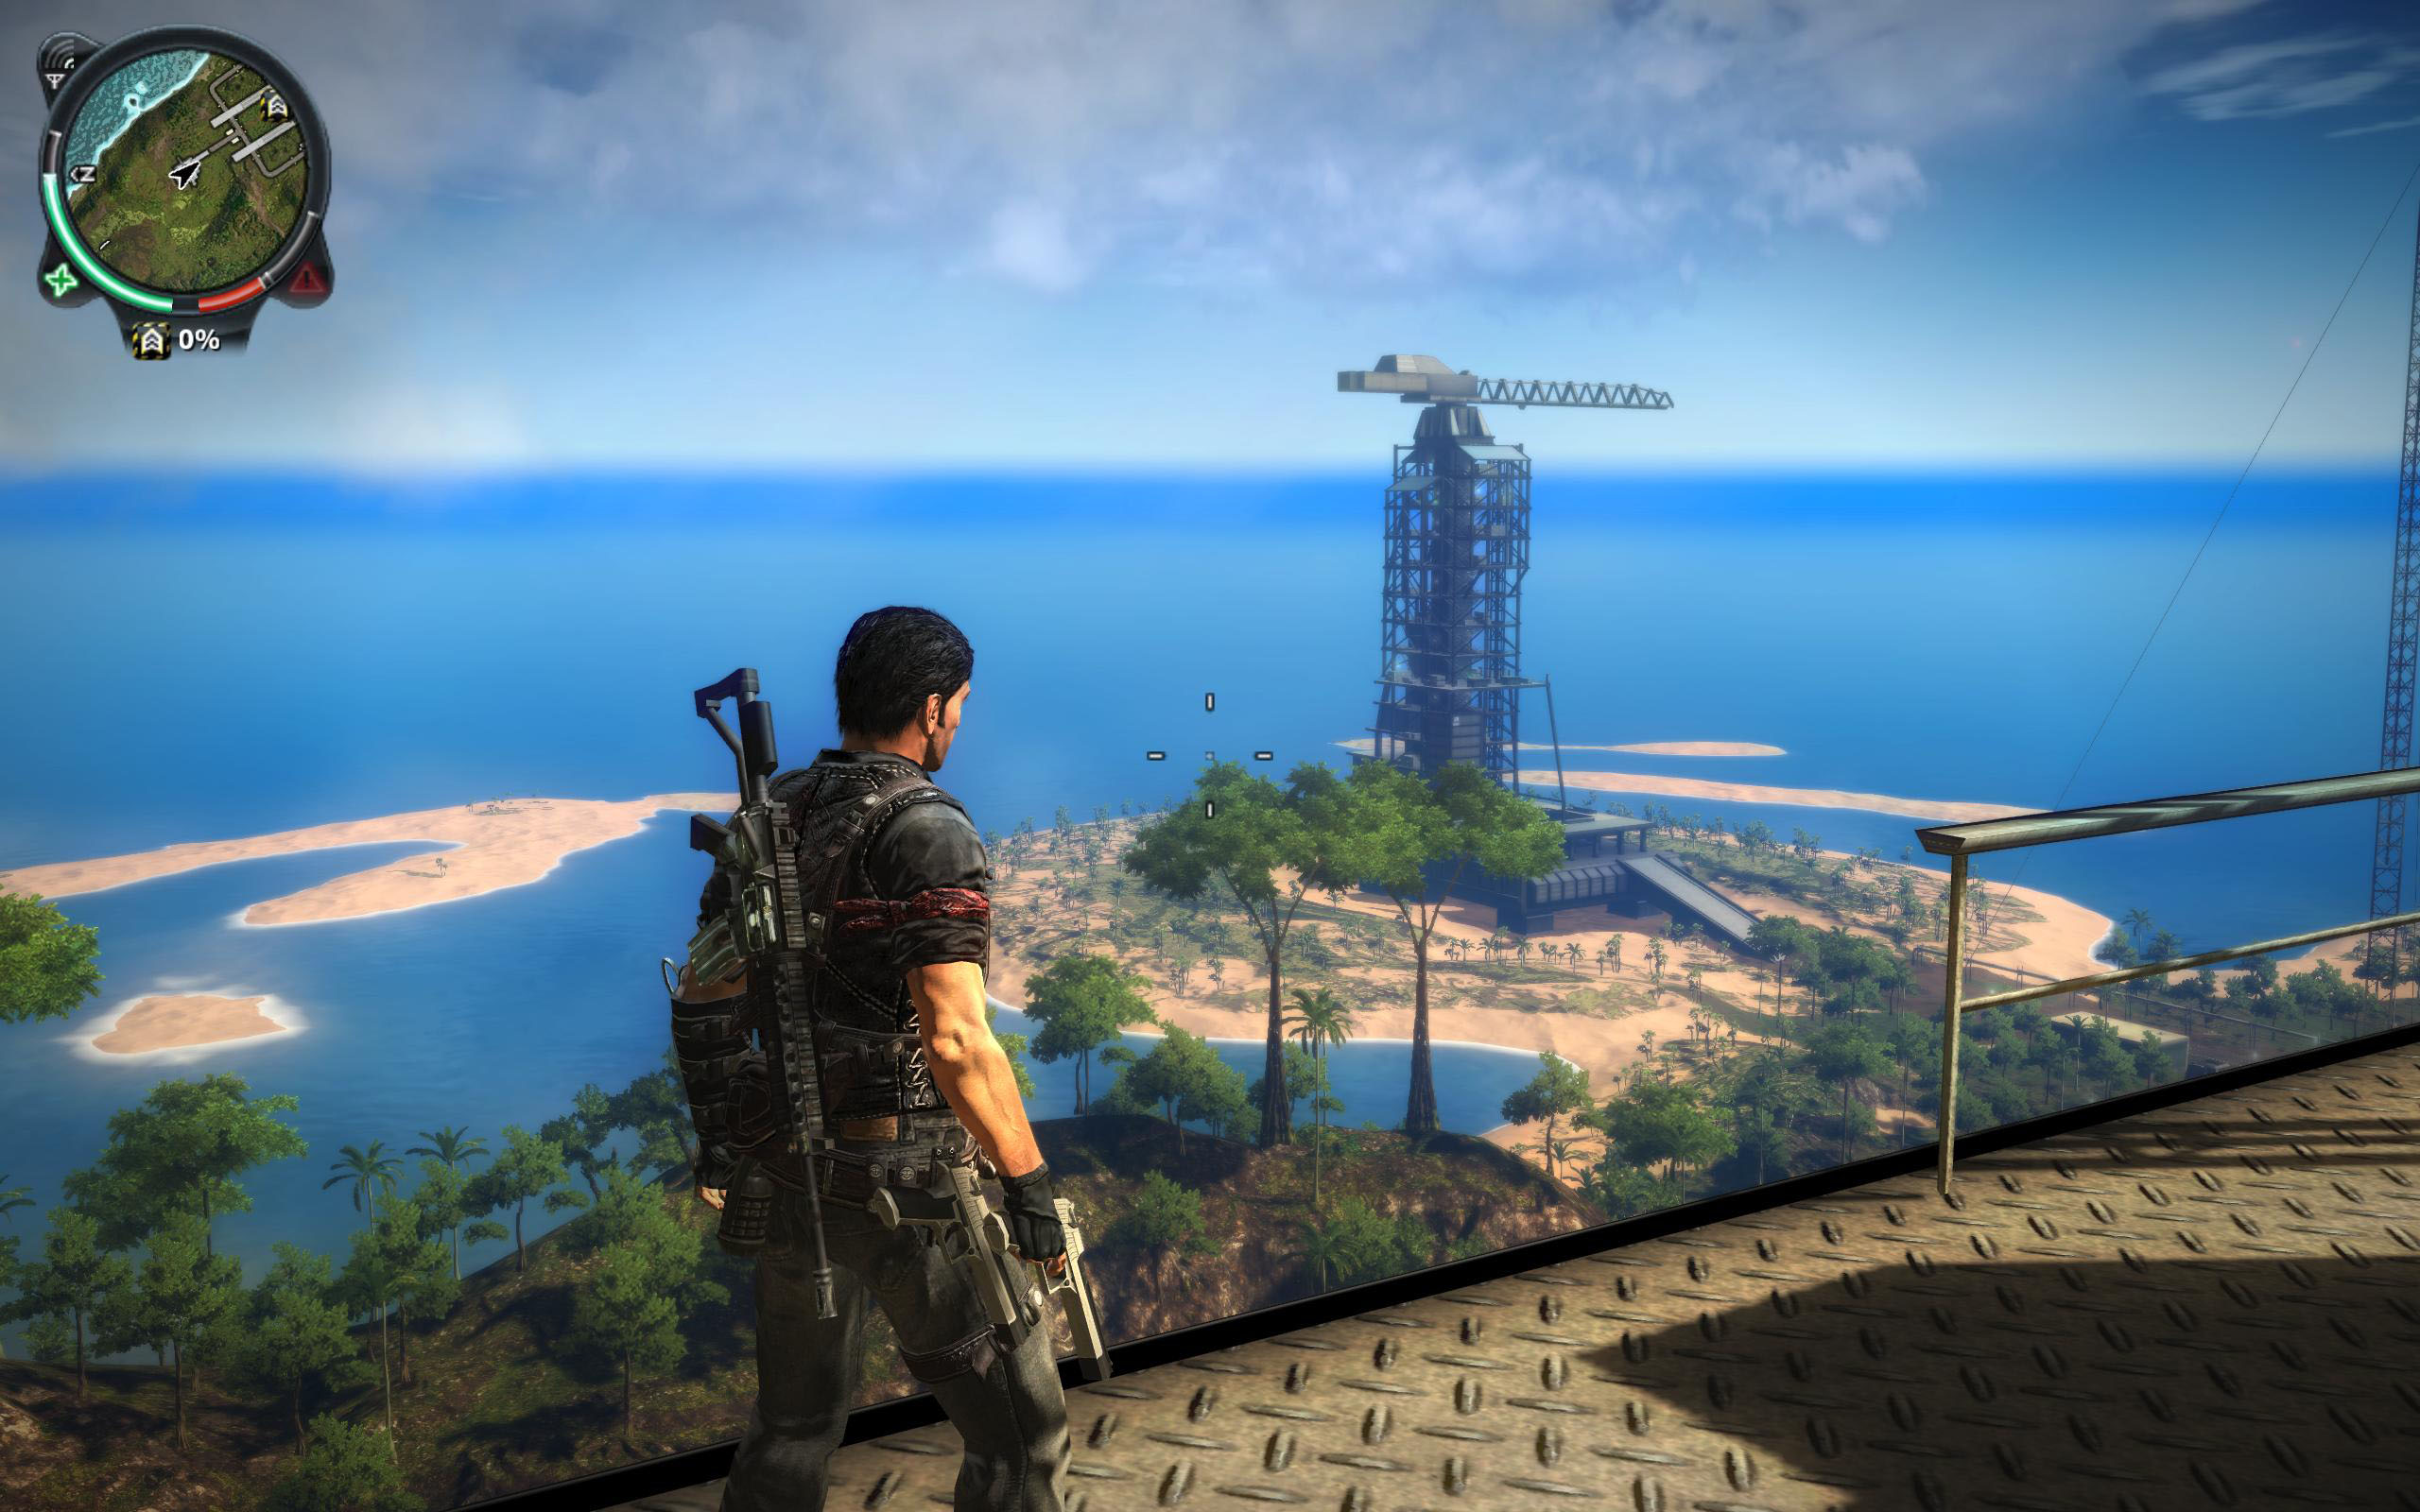 Статья об играх, похожих на легендарный проект от Rockstar Games.